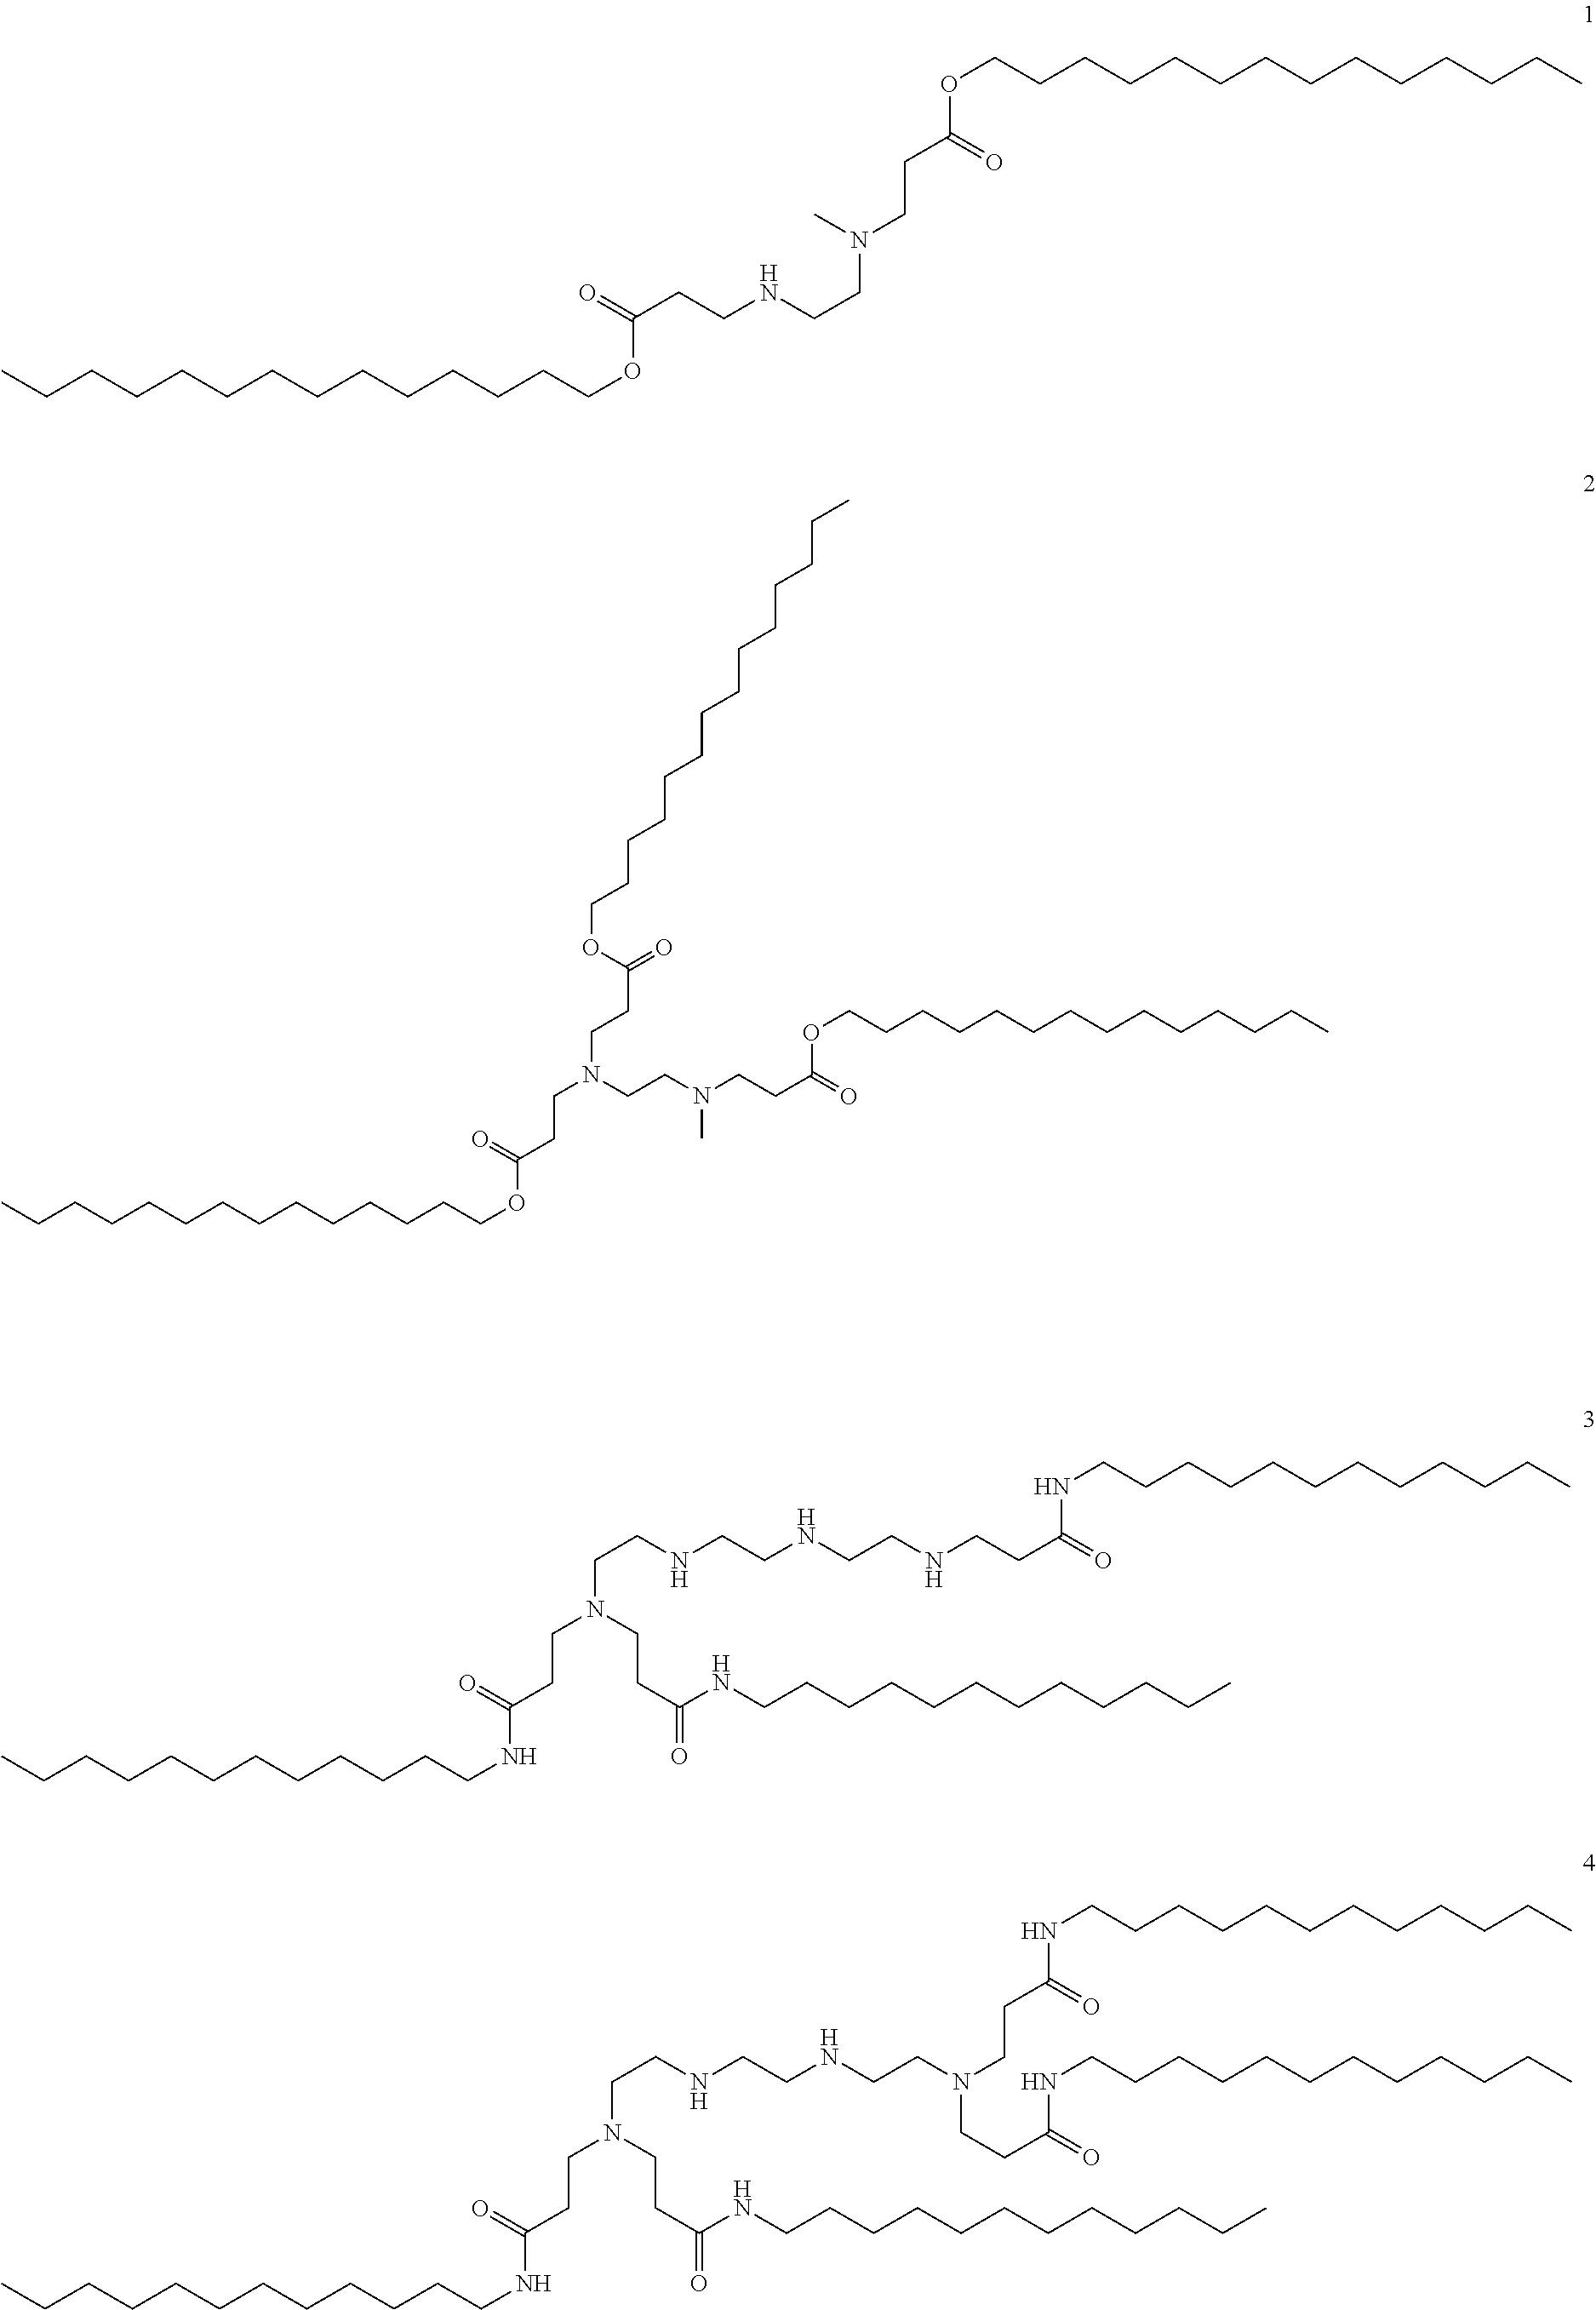 Figure US09901642-20180227-C00010